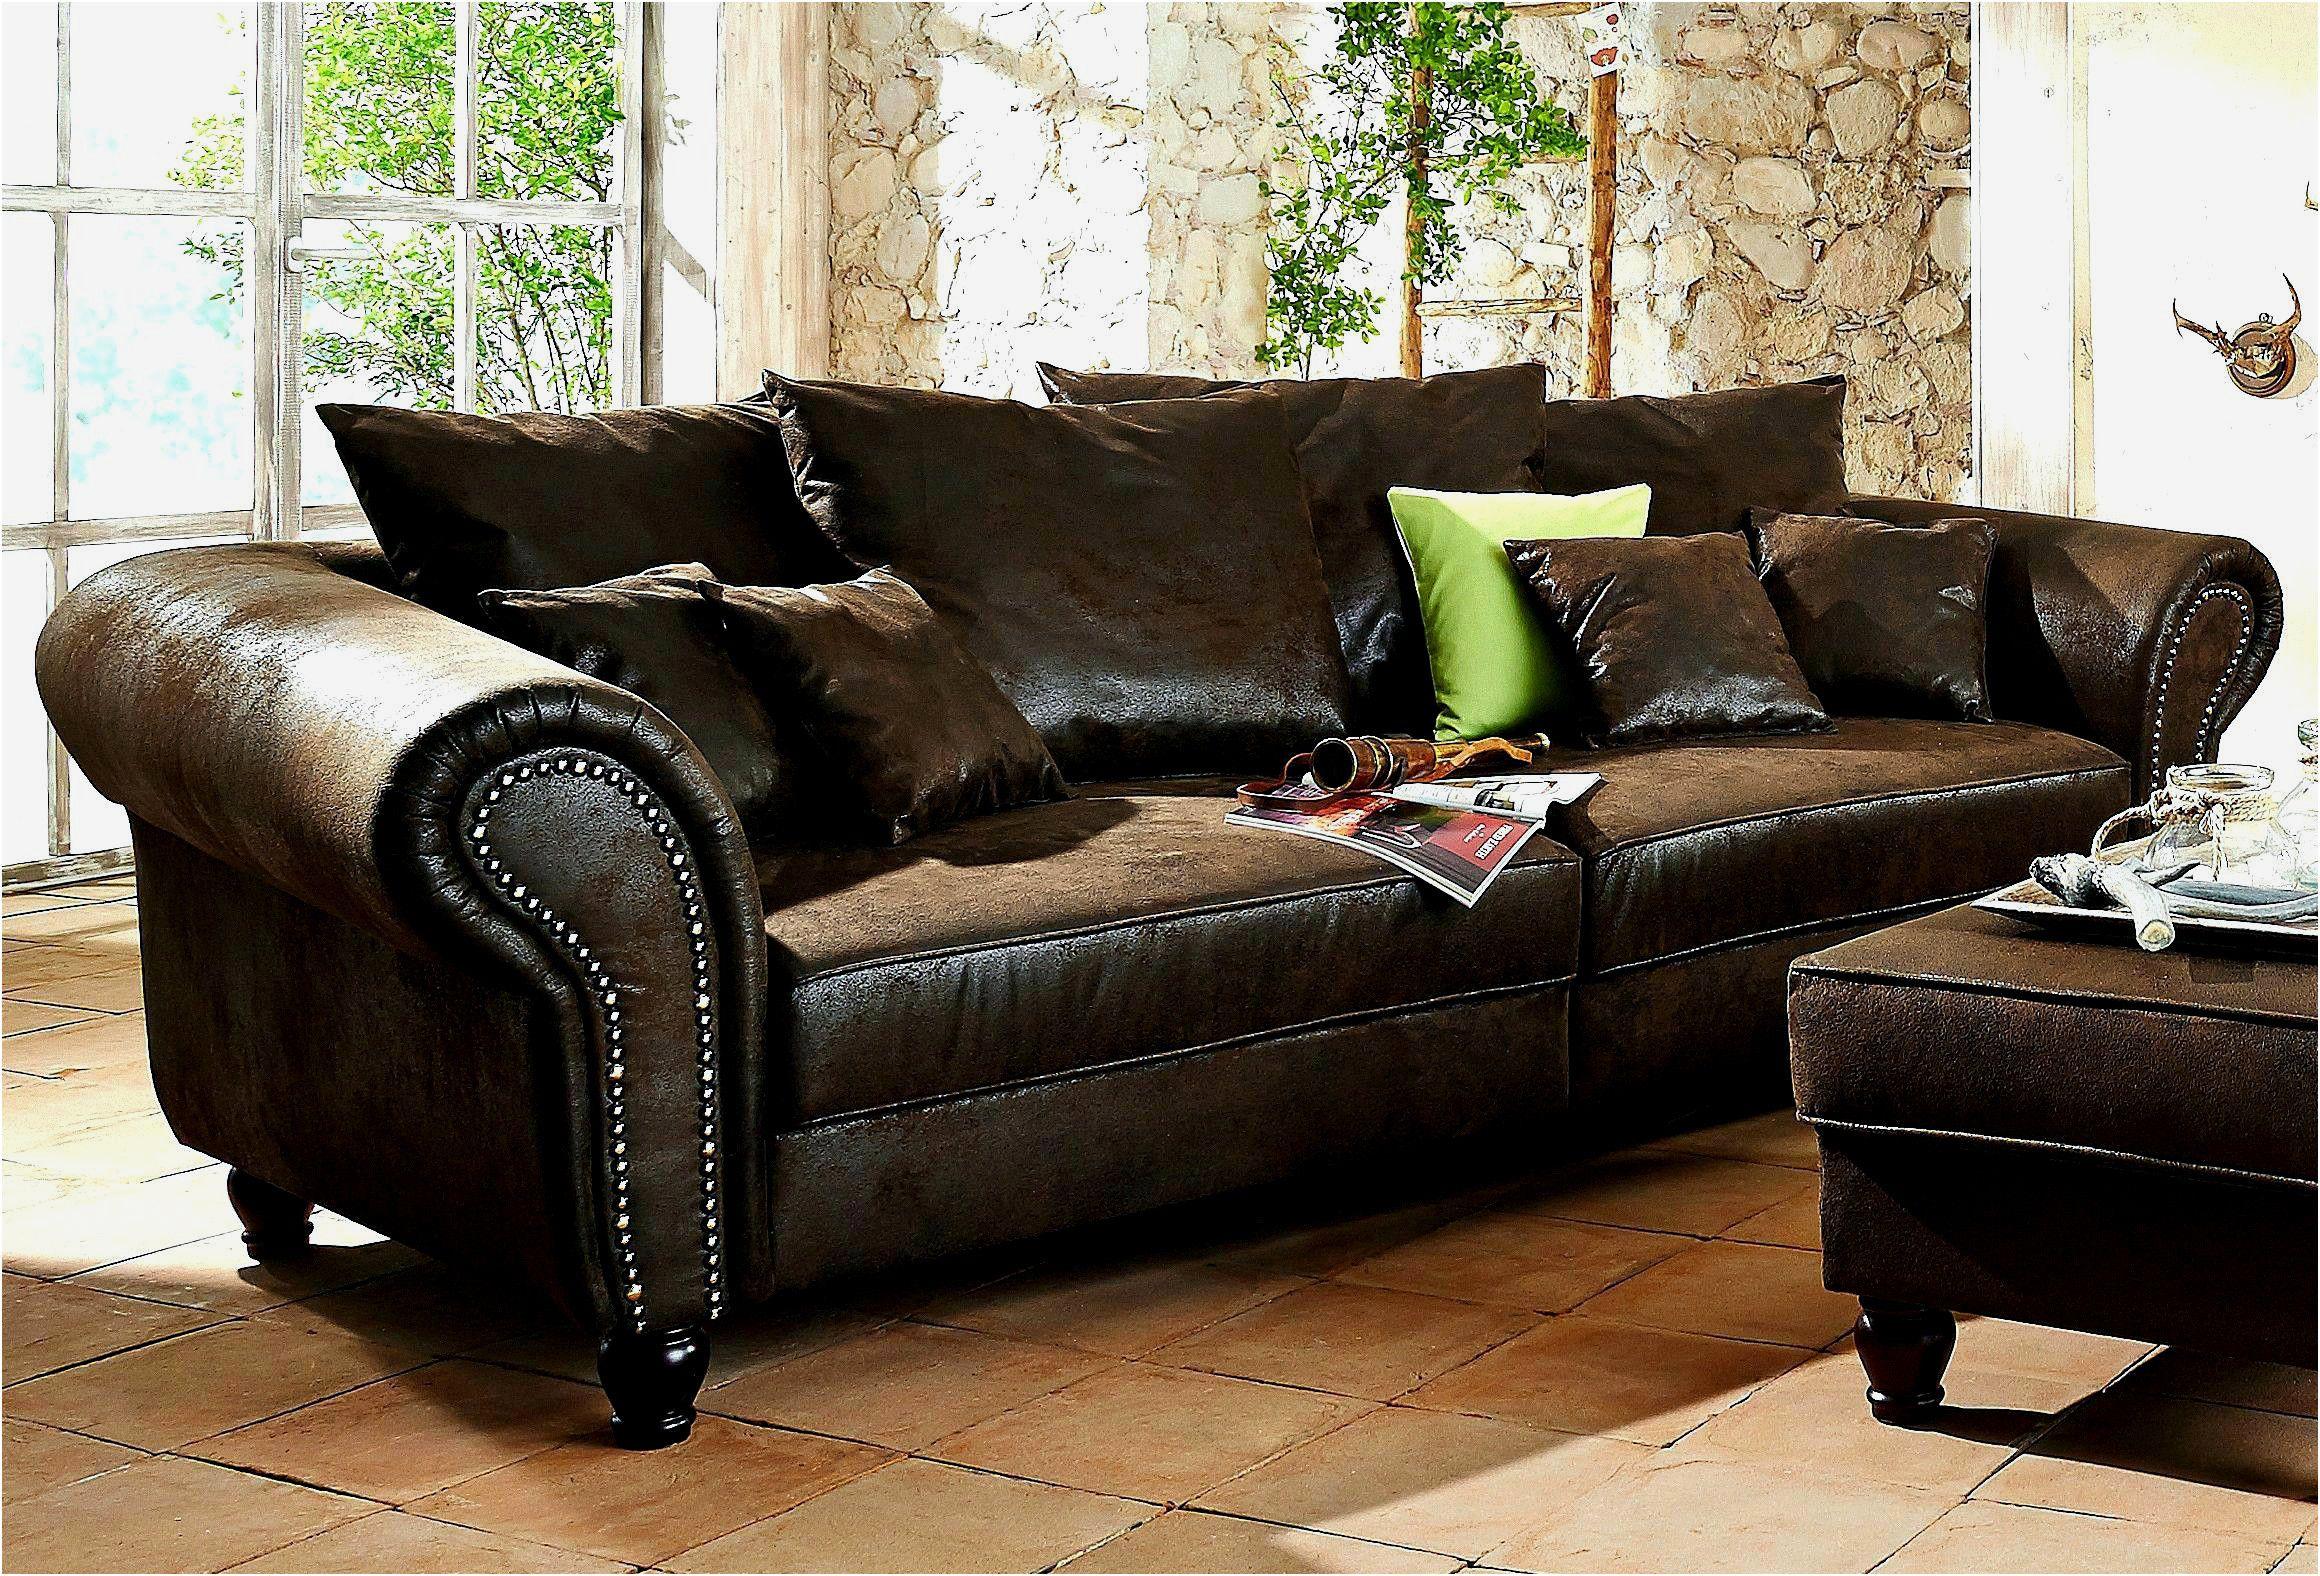 Fantastisch Sofa Xxl